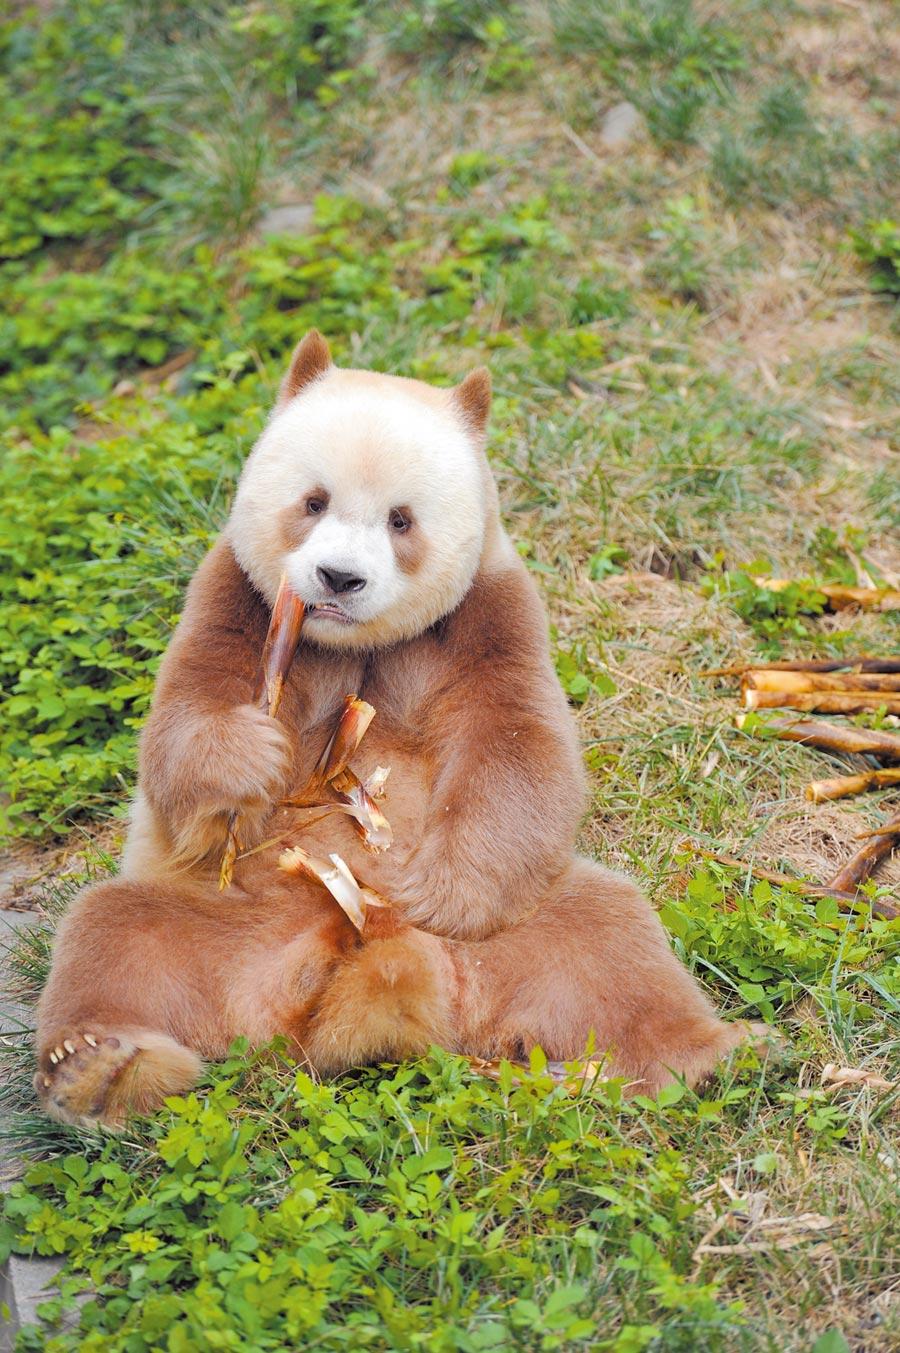 全球唯一圈養棕色大熊貓「七仔」在進食中。(新華社資料照片)